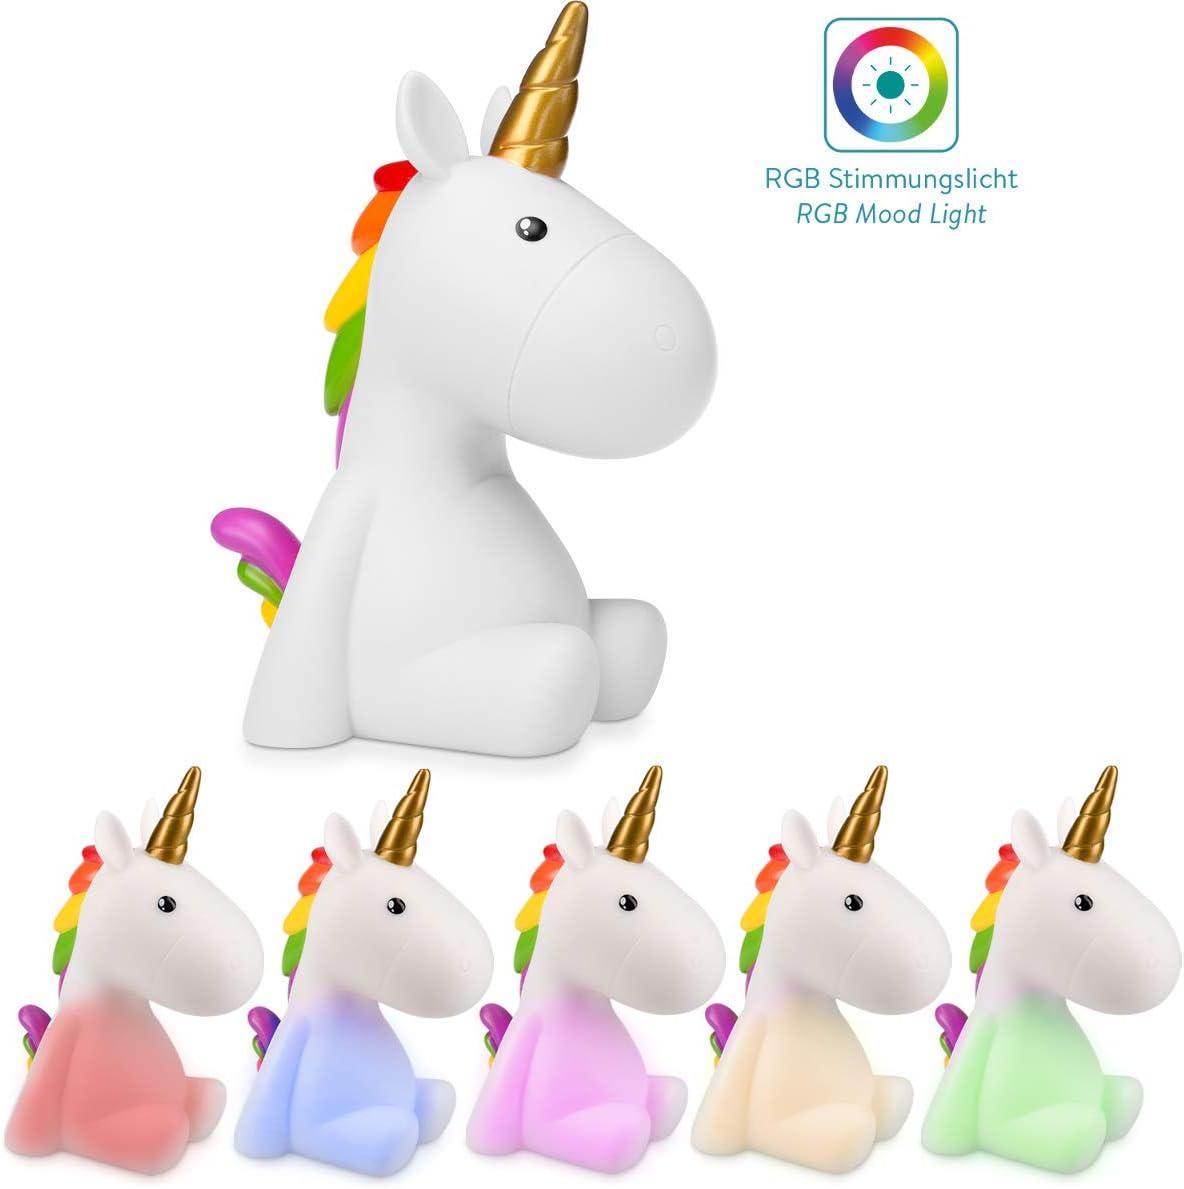 Navaris luz de noche para niños - Lámpara LED de unicornio y cable micro USB - Iluminación RGB brillo ajustable y temporizador de color blanco